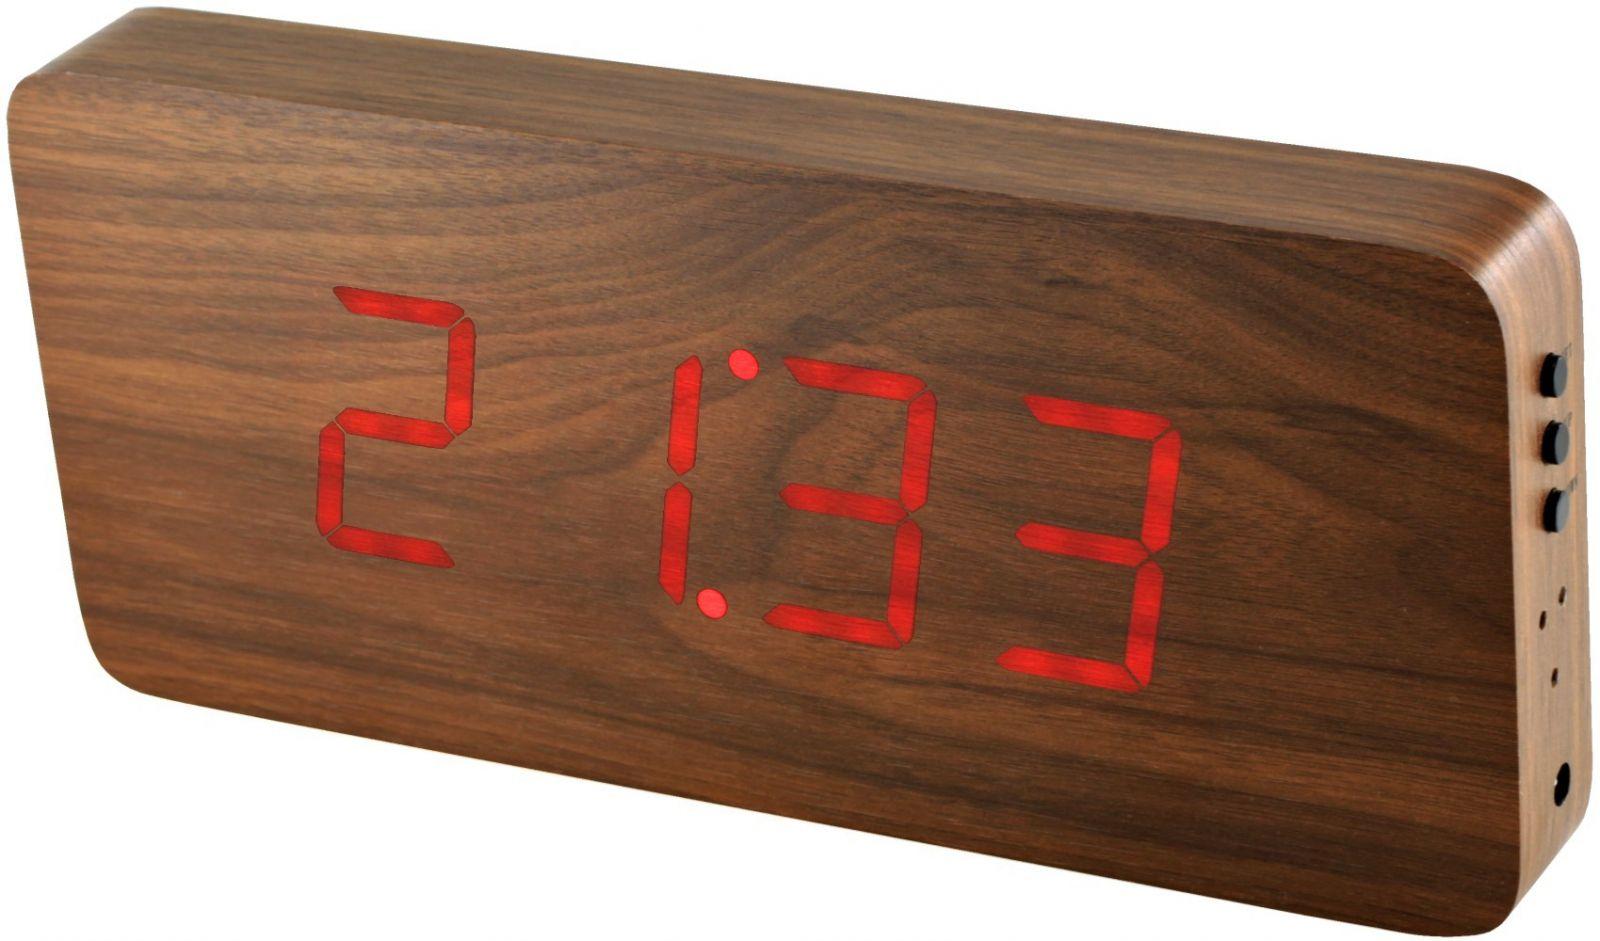 Dřevěný digitální budík s červenými LED diodami, datem a teploměrem k postavení na stůl nebo pověšení na zeď.0236 00. RED LED - bílá